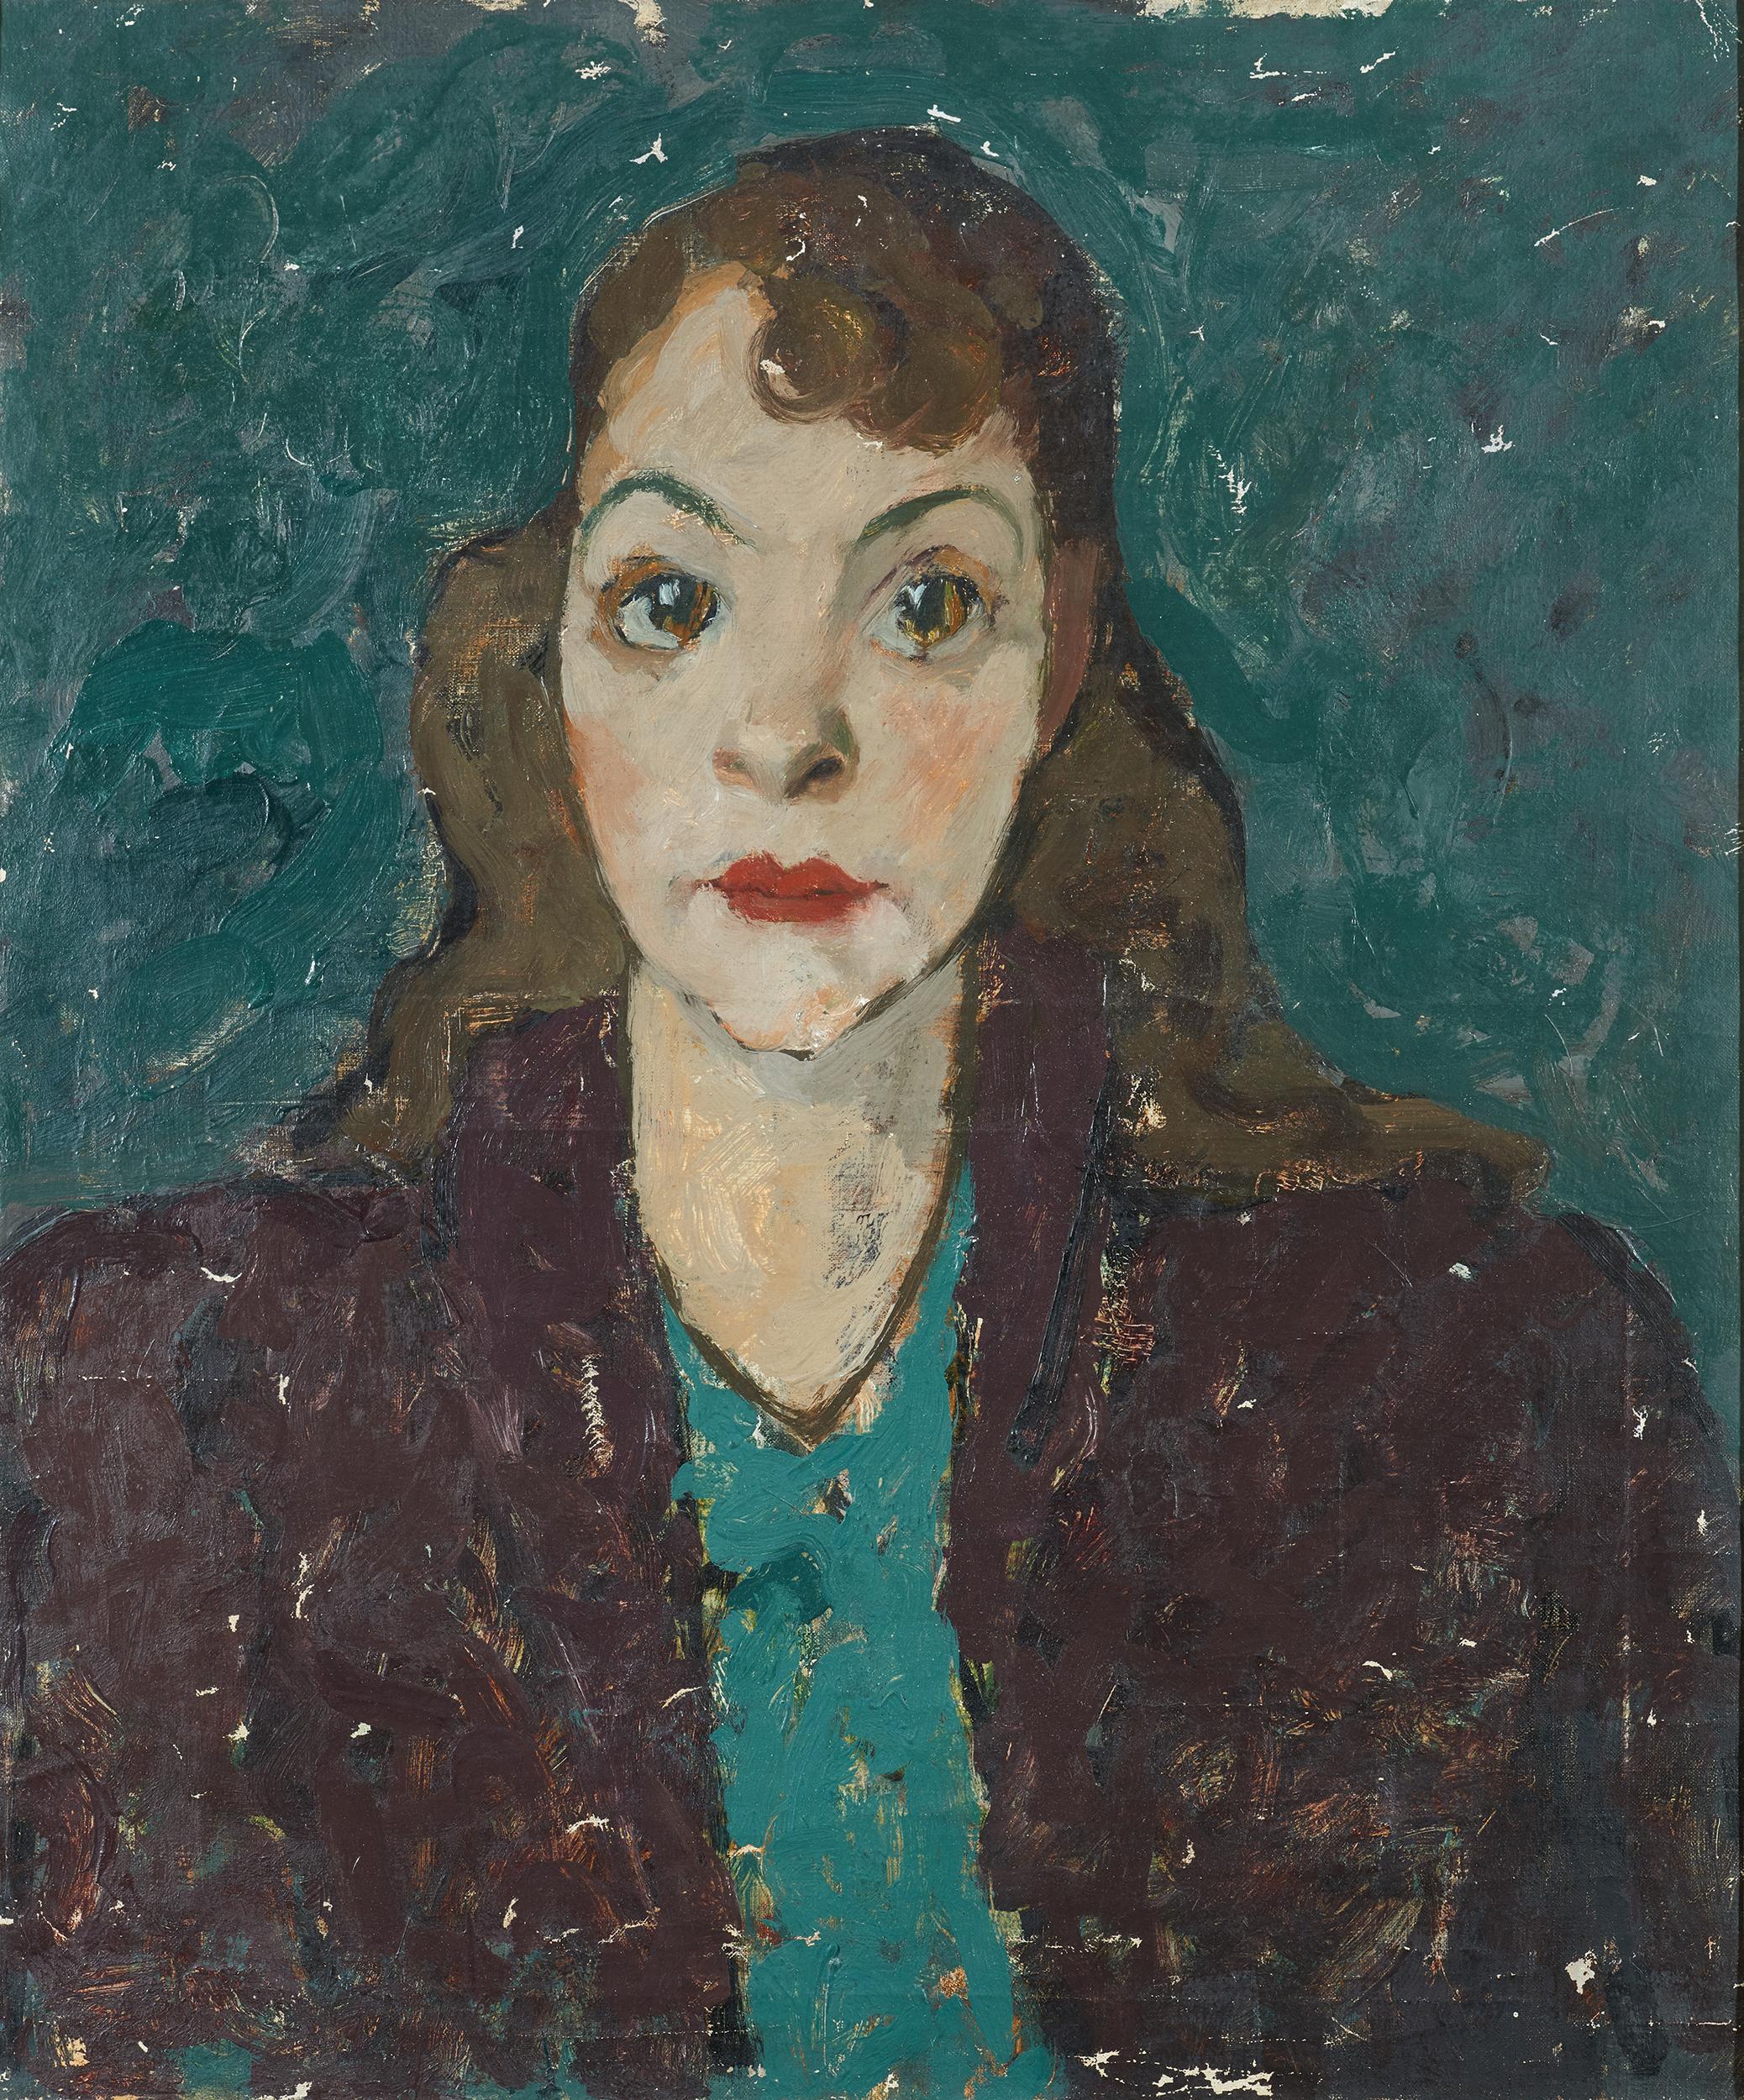 Chapiro Jacques (1887 - 1972) -